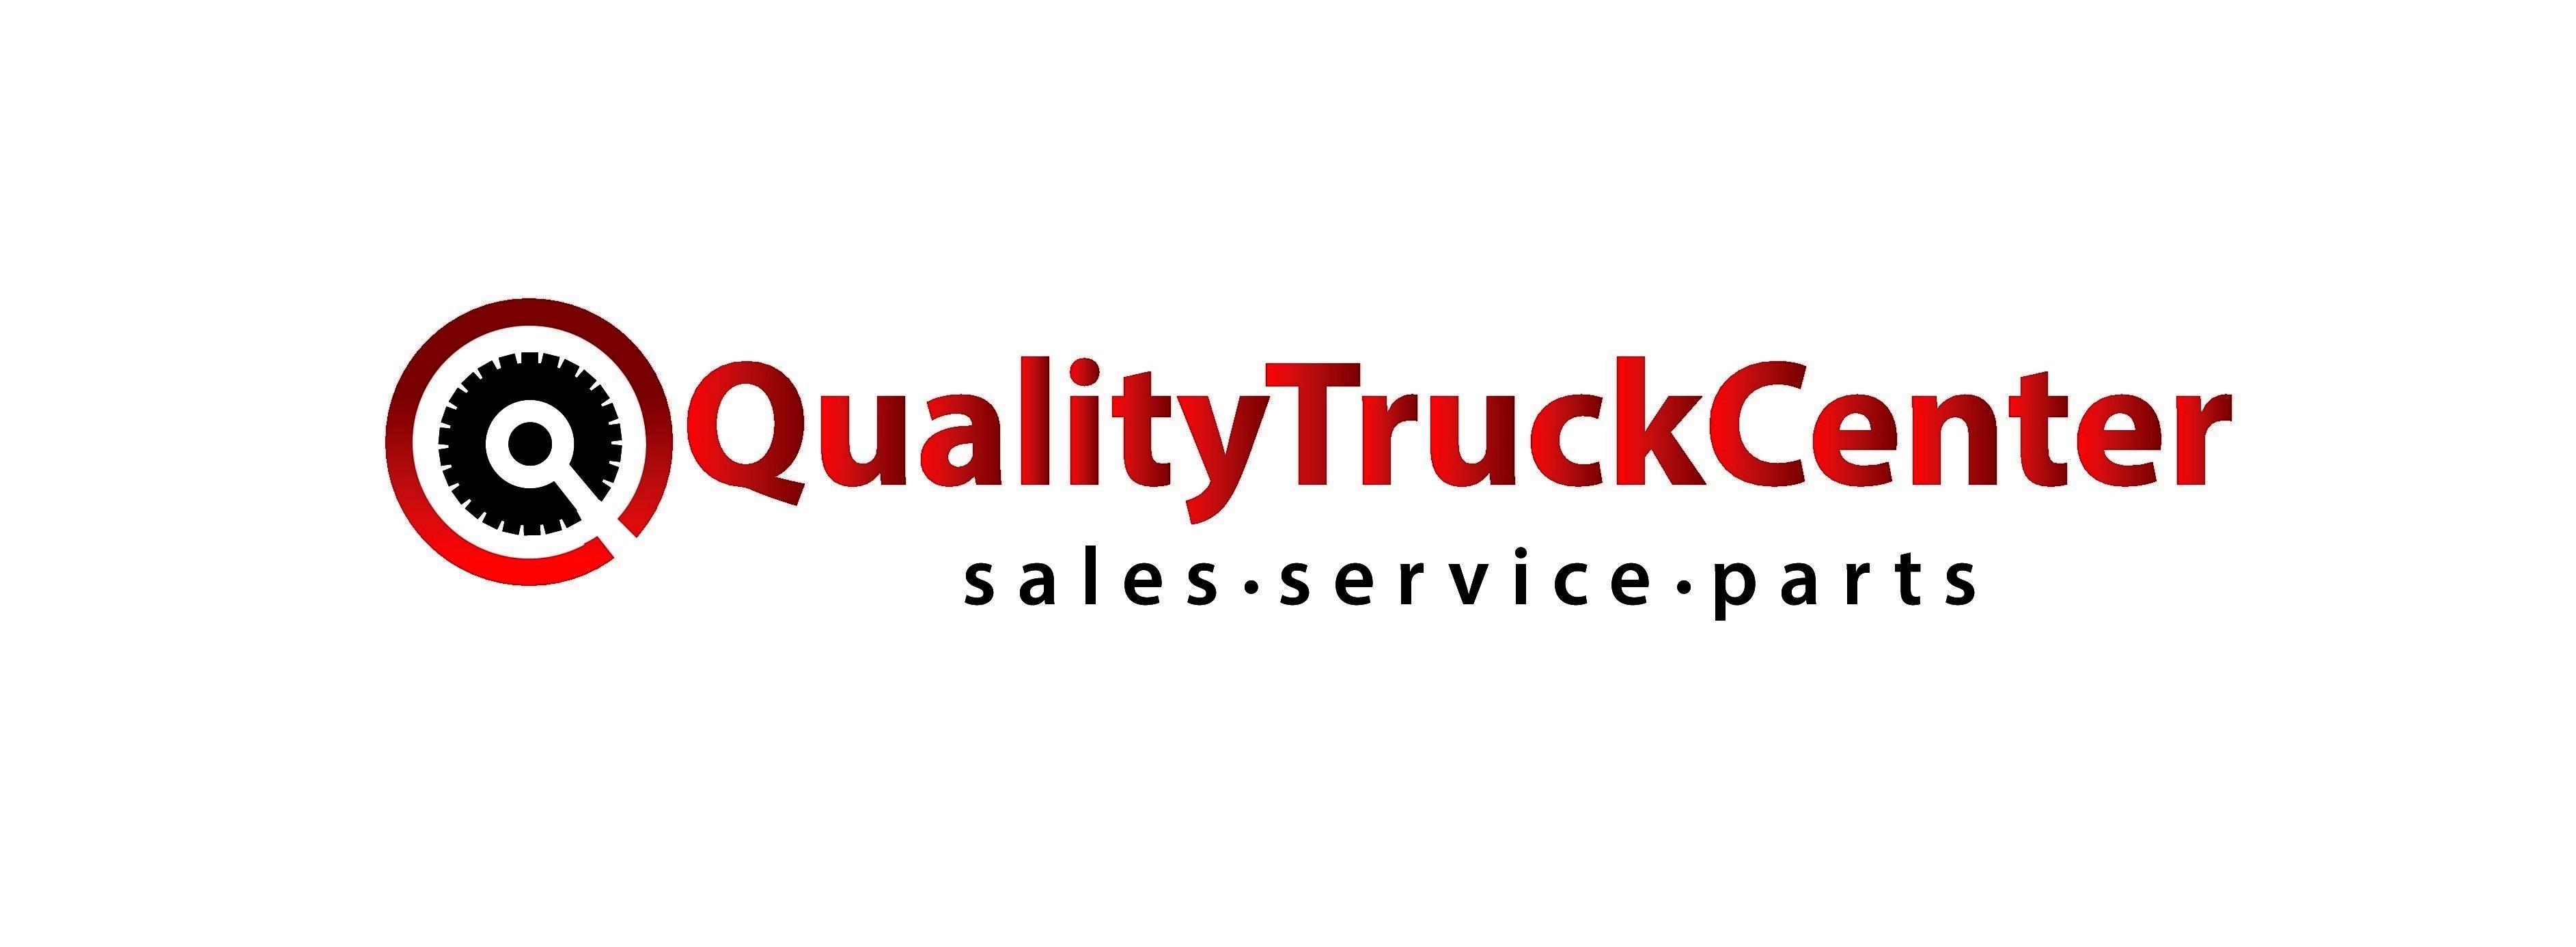 Mercedes benz 609 dump trucks for sale tipper truck dumper tipper - Quality Truck Center